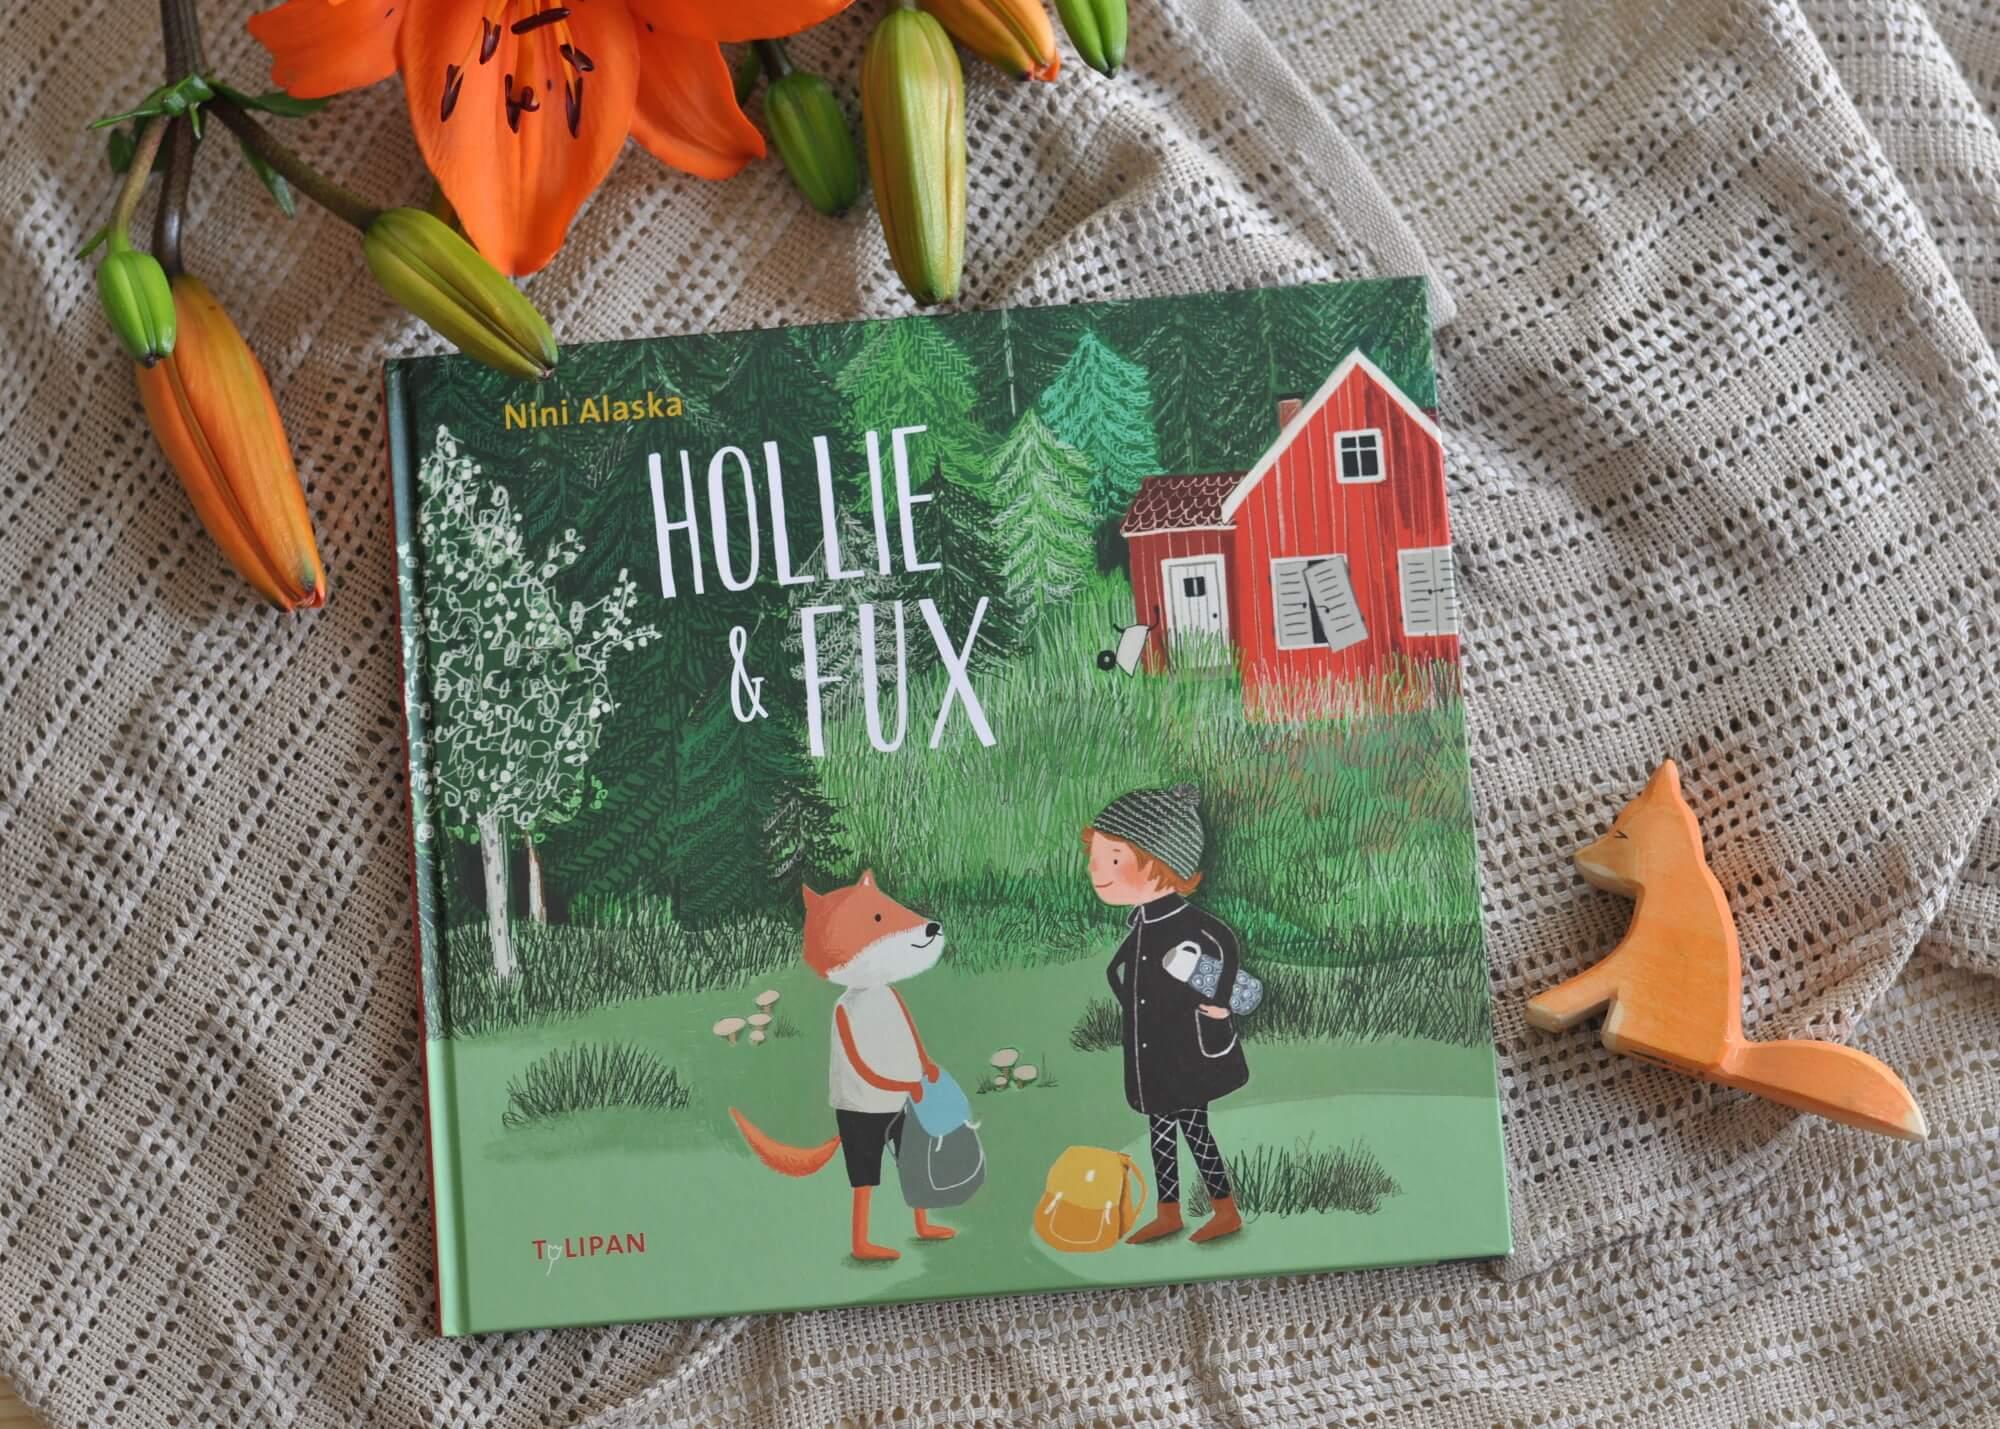 Hollie lebt bei ihrer Großmutter in einer kleinen schwedischen Stadt. Doch Hollie ist einsam, denn ihre Eltern sind als Schauspieler beruflich viel unterwegs, nur an Geburtstagen schauen sie vorbei. Als Hollie eines Tages Fux kennenlernt und dieser zu ihr und ihrer Großmutter zieht, ändert sich einiges. #familie #freundschaft #elternsein #einsam #kind #vorlesen #schweden #bilderbuch